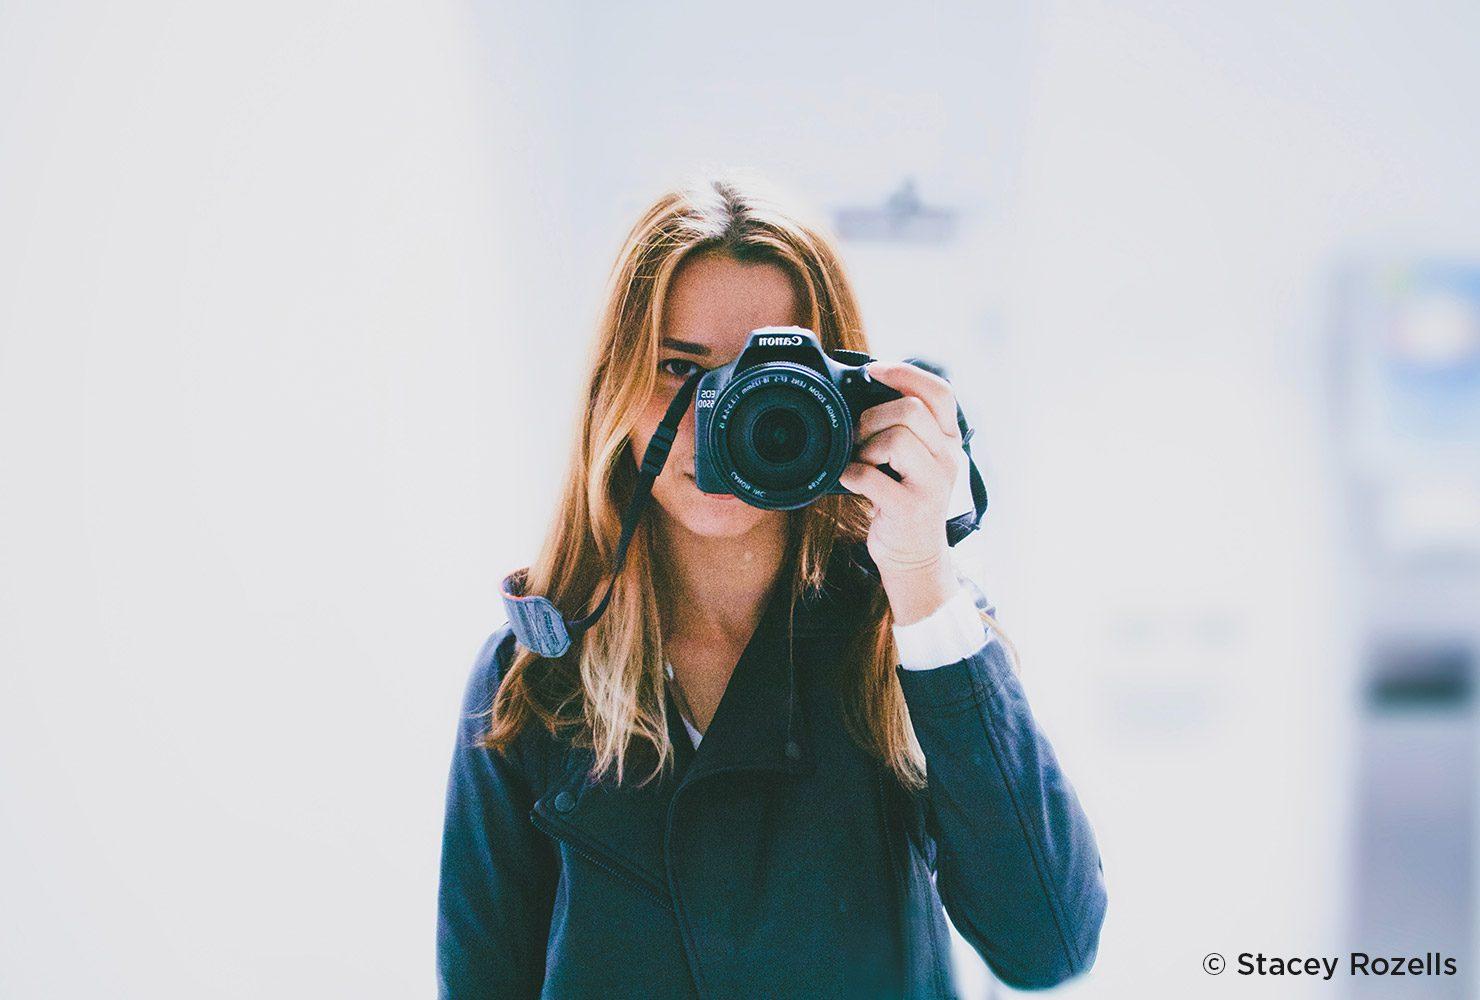 Proyectos de fotografía creativa para aplicar : autoretratos